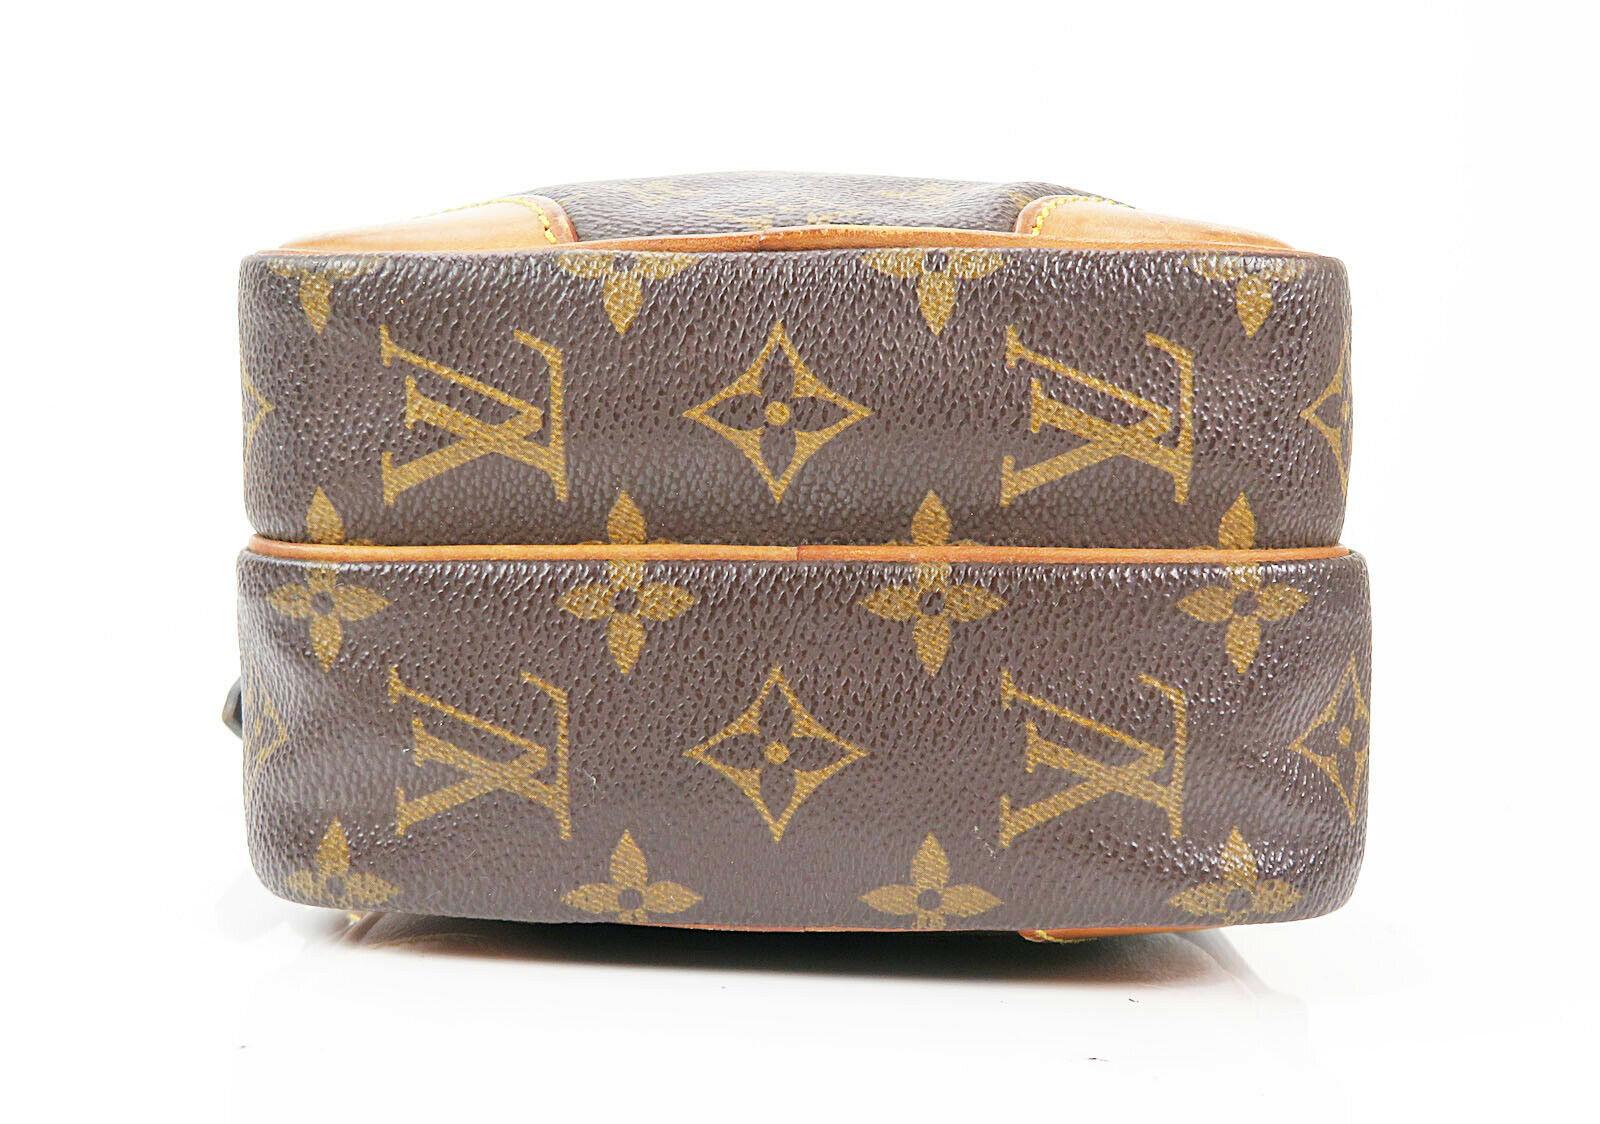 Authentic LOUIS VUITTON Amazone Monogram Cross body Shoulder Bag Purse #34636 image 6